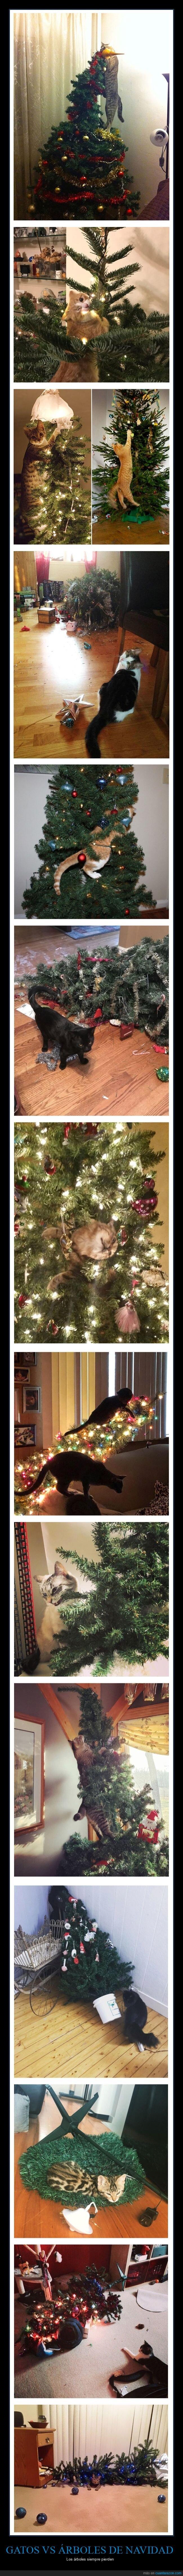 árboles de navidad,gatos